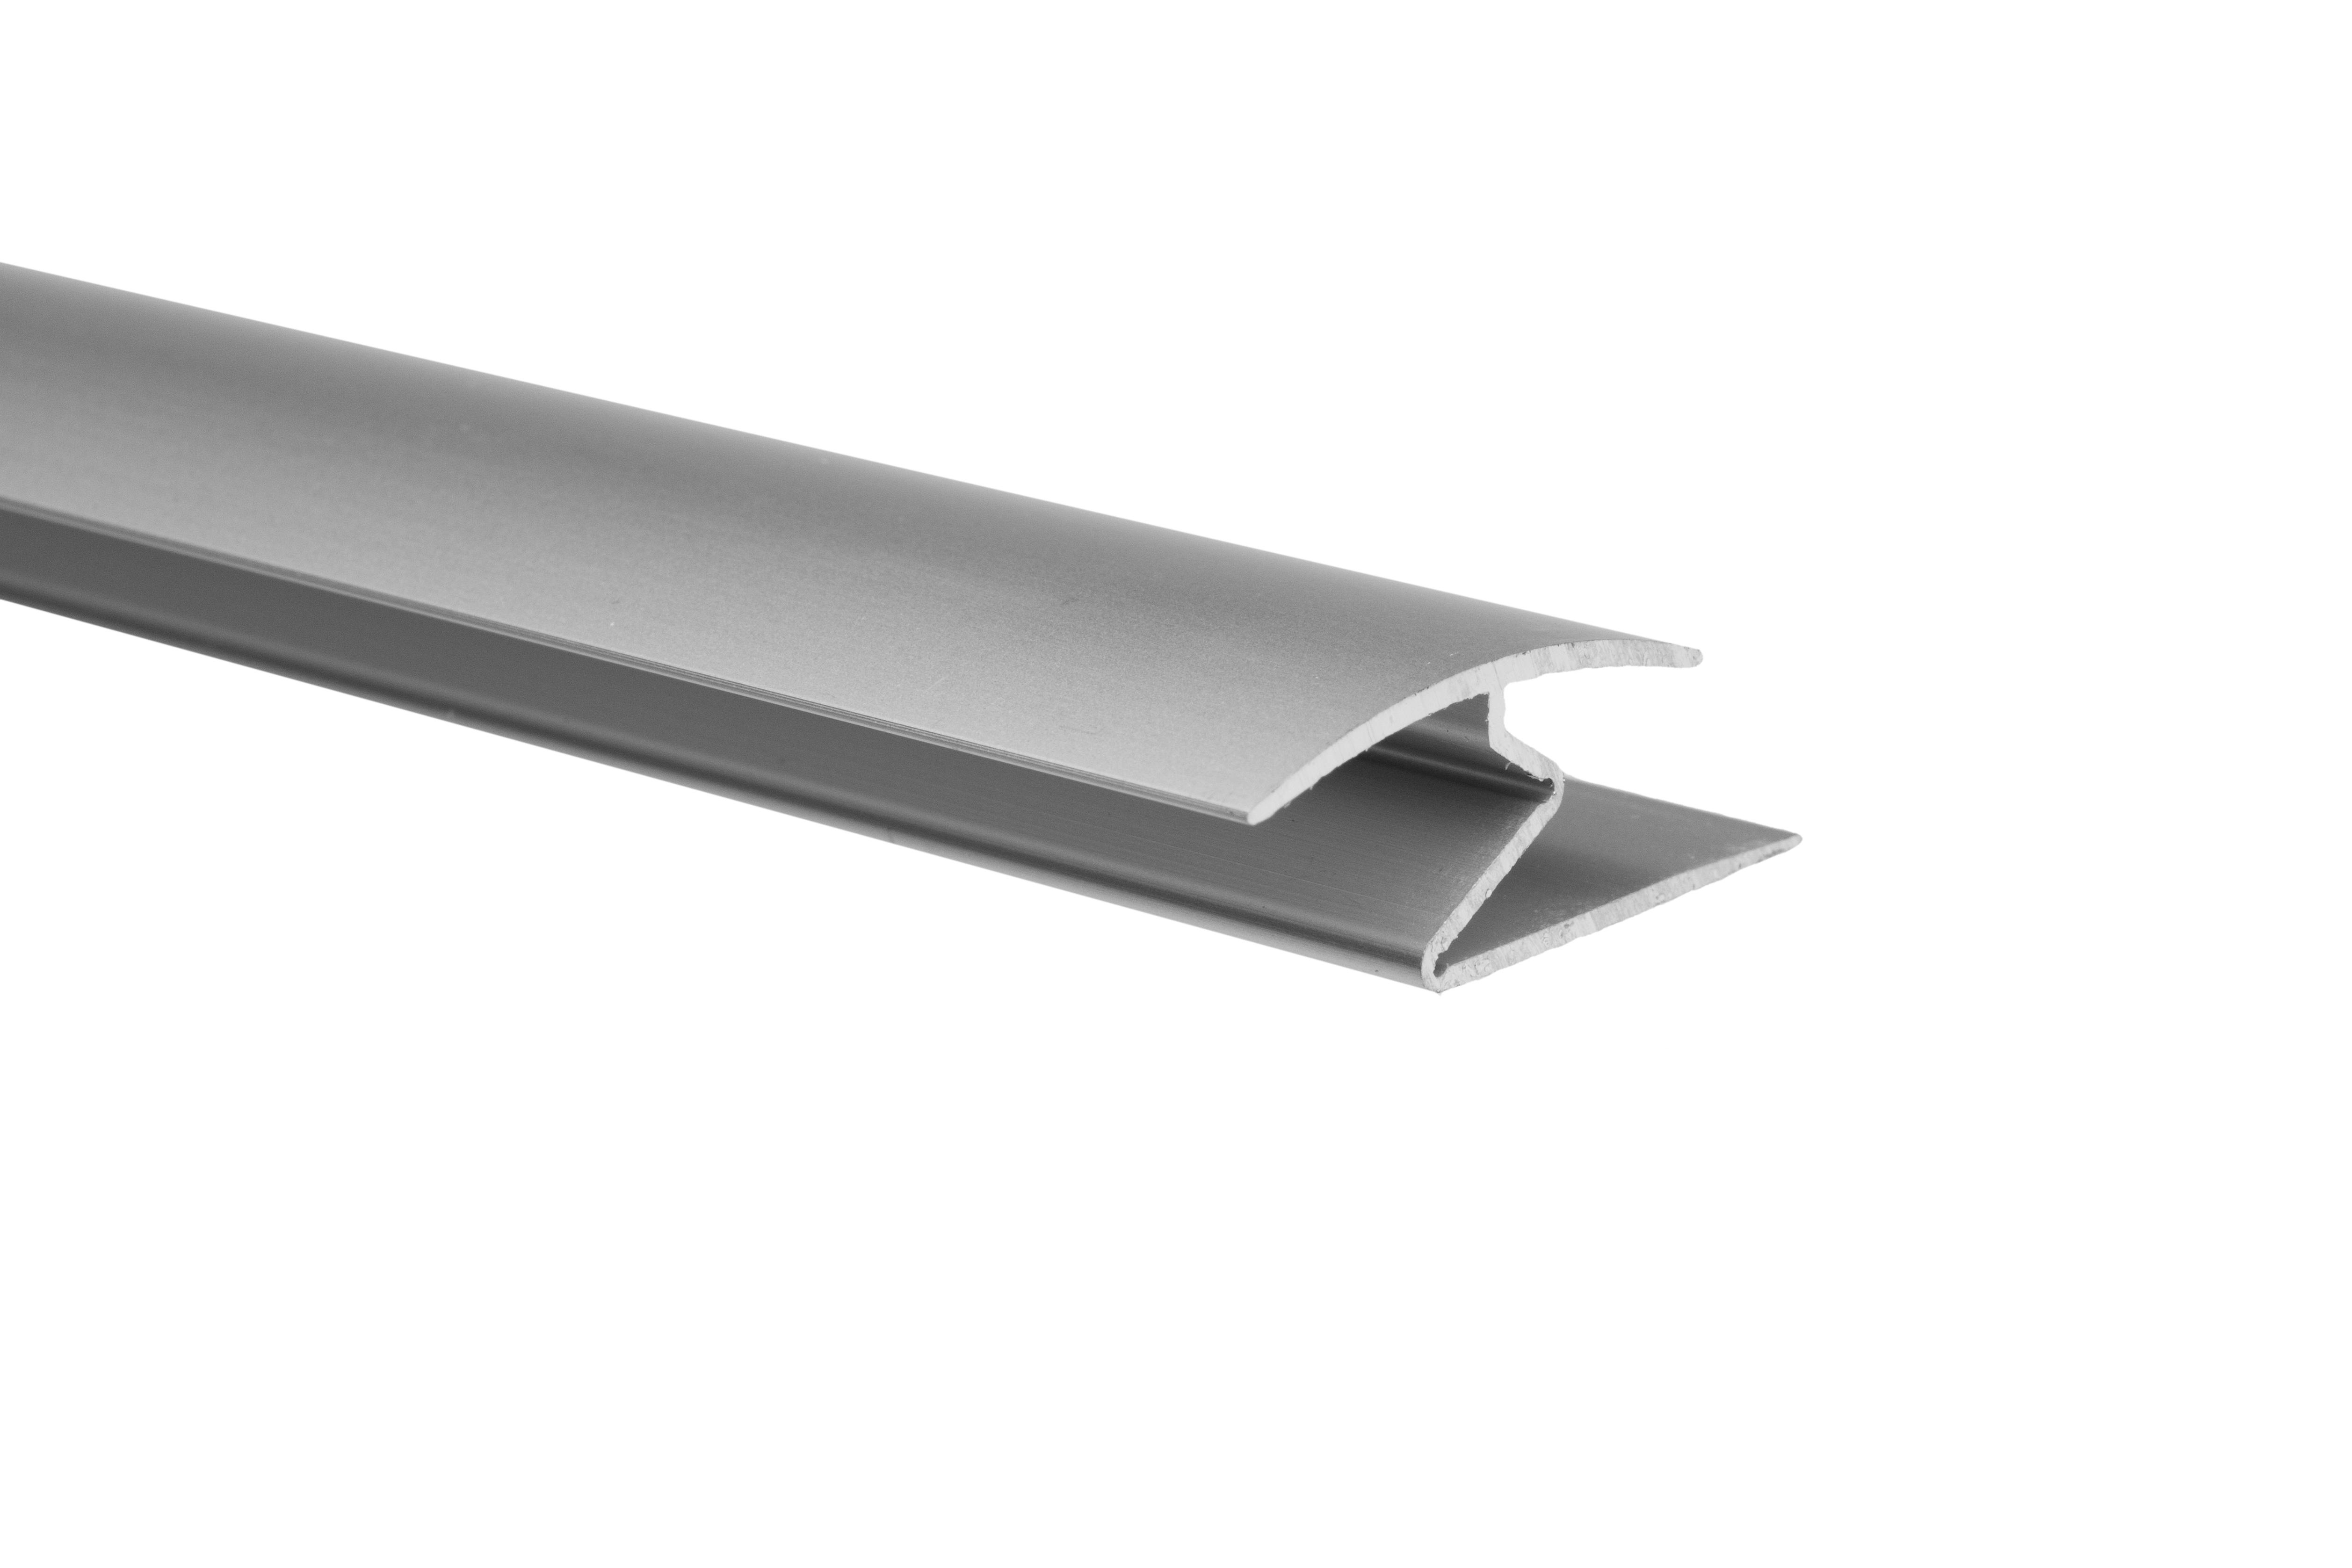 Profil de trecere cu surub mascat cu diferenta de nivel A69 Effector argint, 2,7 m